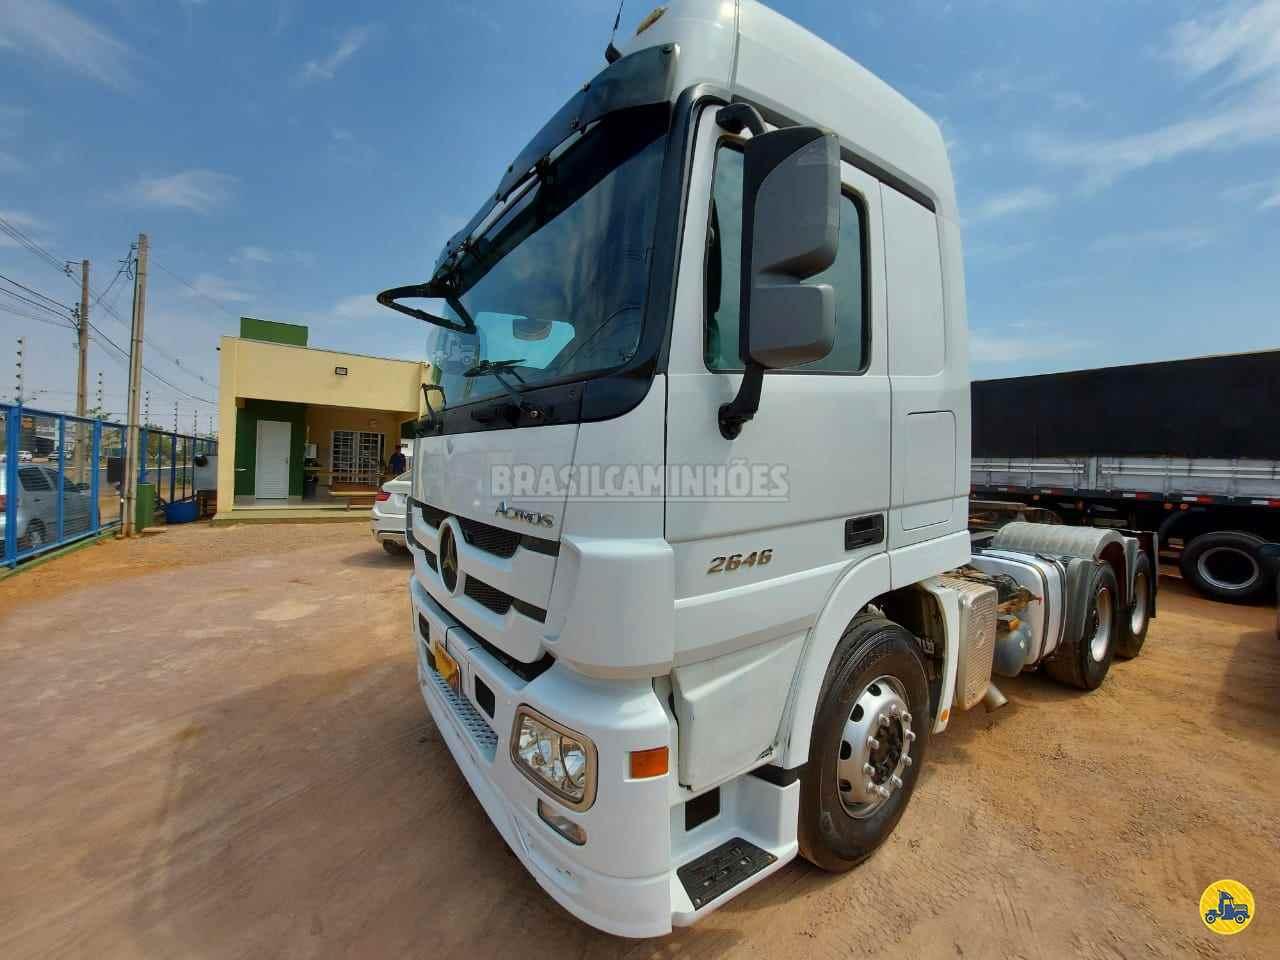 CAMINHAO MERCEDES-BENZ MB 2646 Cavalo Mecânico Traçado 6x4 Brasil Caminhões Sinop SINOP MATO GROSSO MT